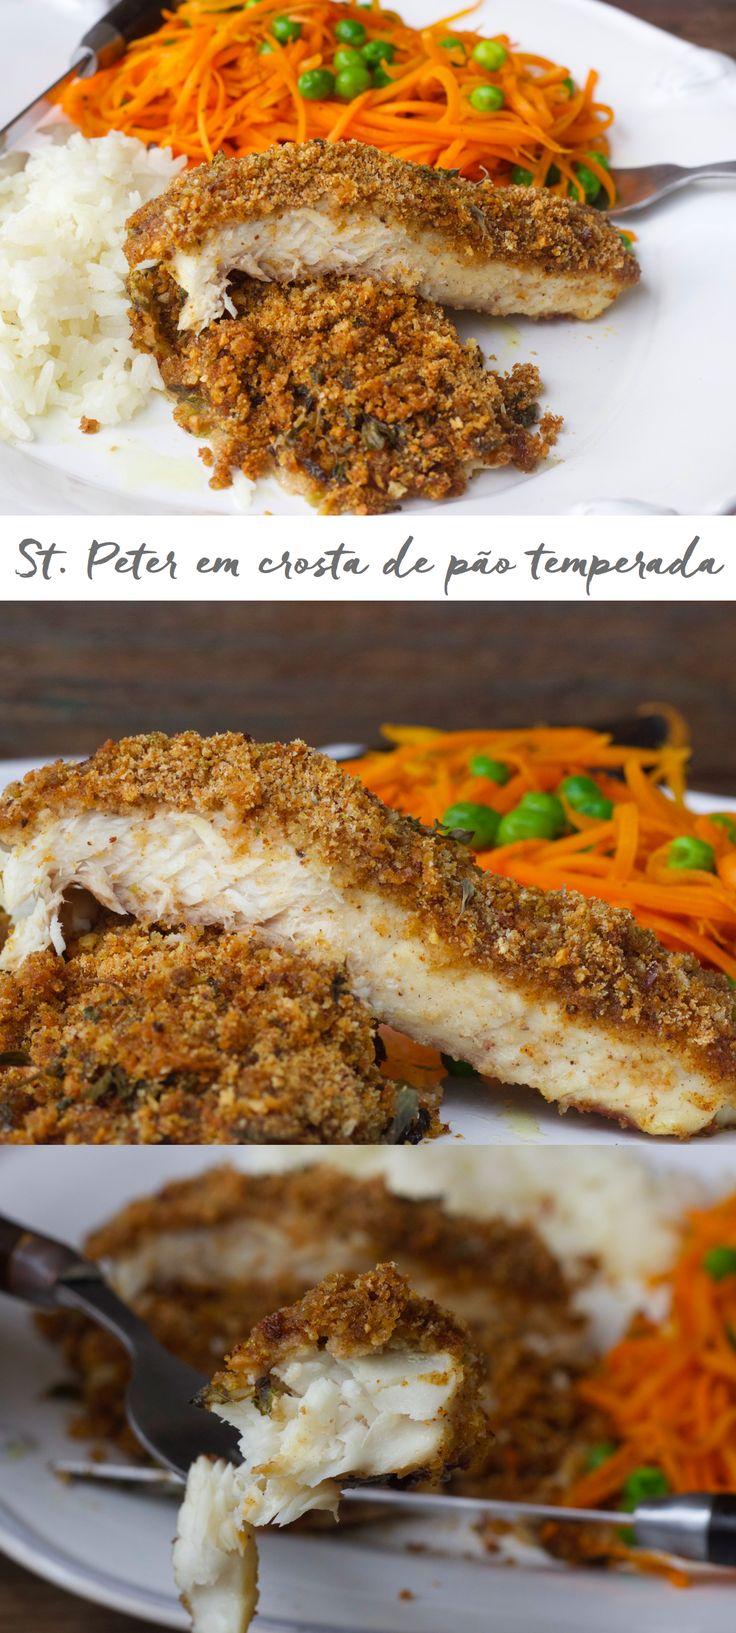 St. Peter em crosta temperada com spaghetti de cenoura. O peixe fica suculento, envolto por uma crostinha temperada, bem saboroso e sem trabalho. Basta temperar o peixe, deixamos marinando um pouco enquanto preparamos a farofa de pão, que pode ser feita com  qualquer pão  que você tiver ai  sua casa!